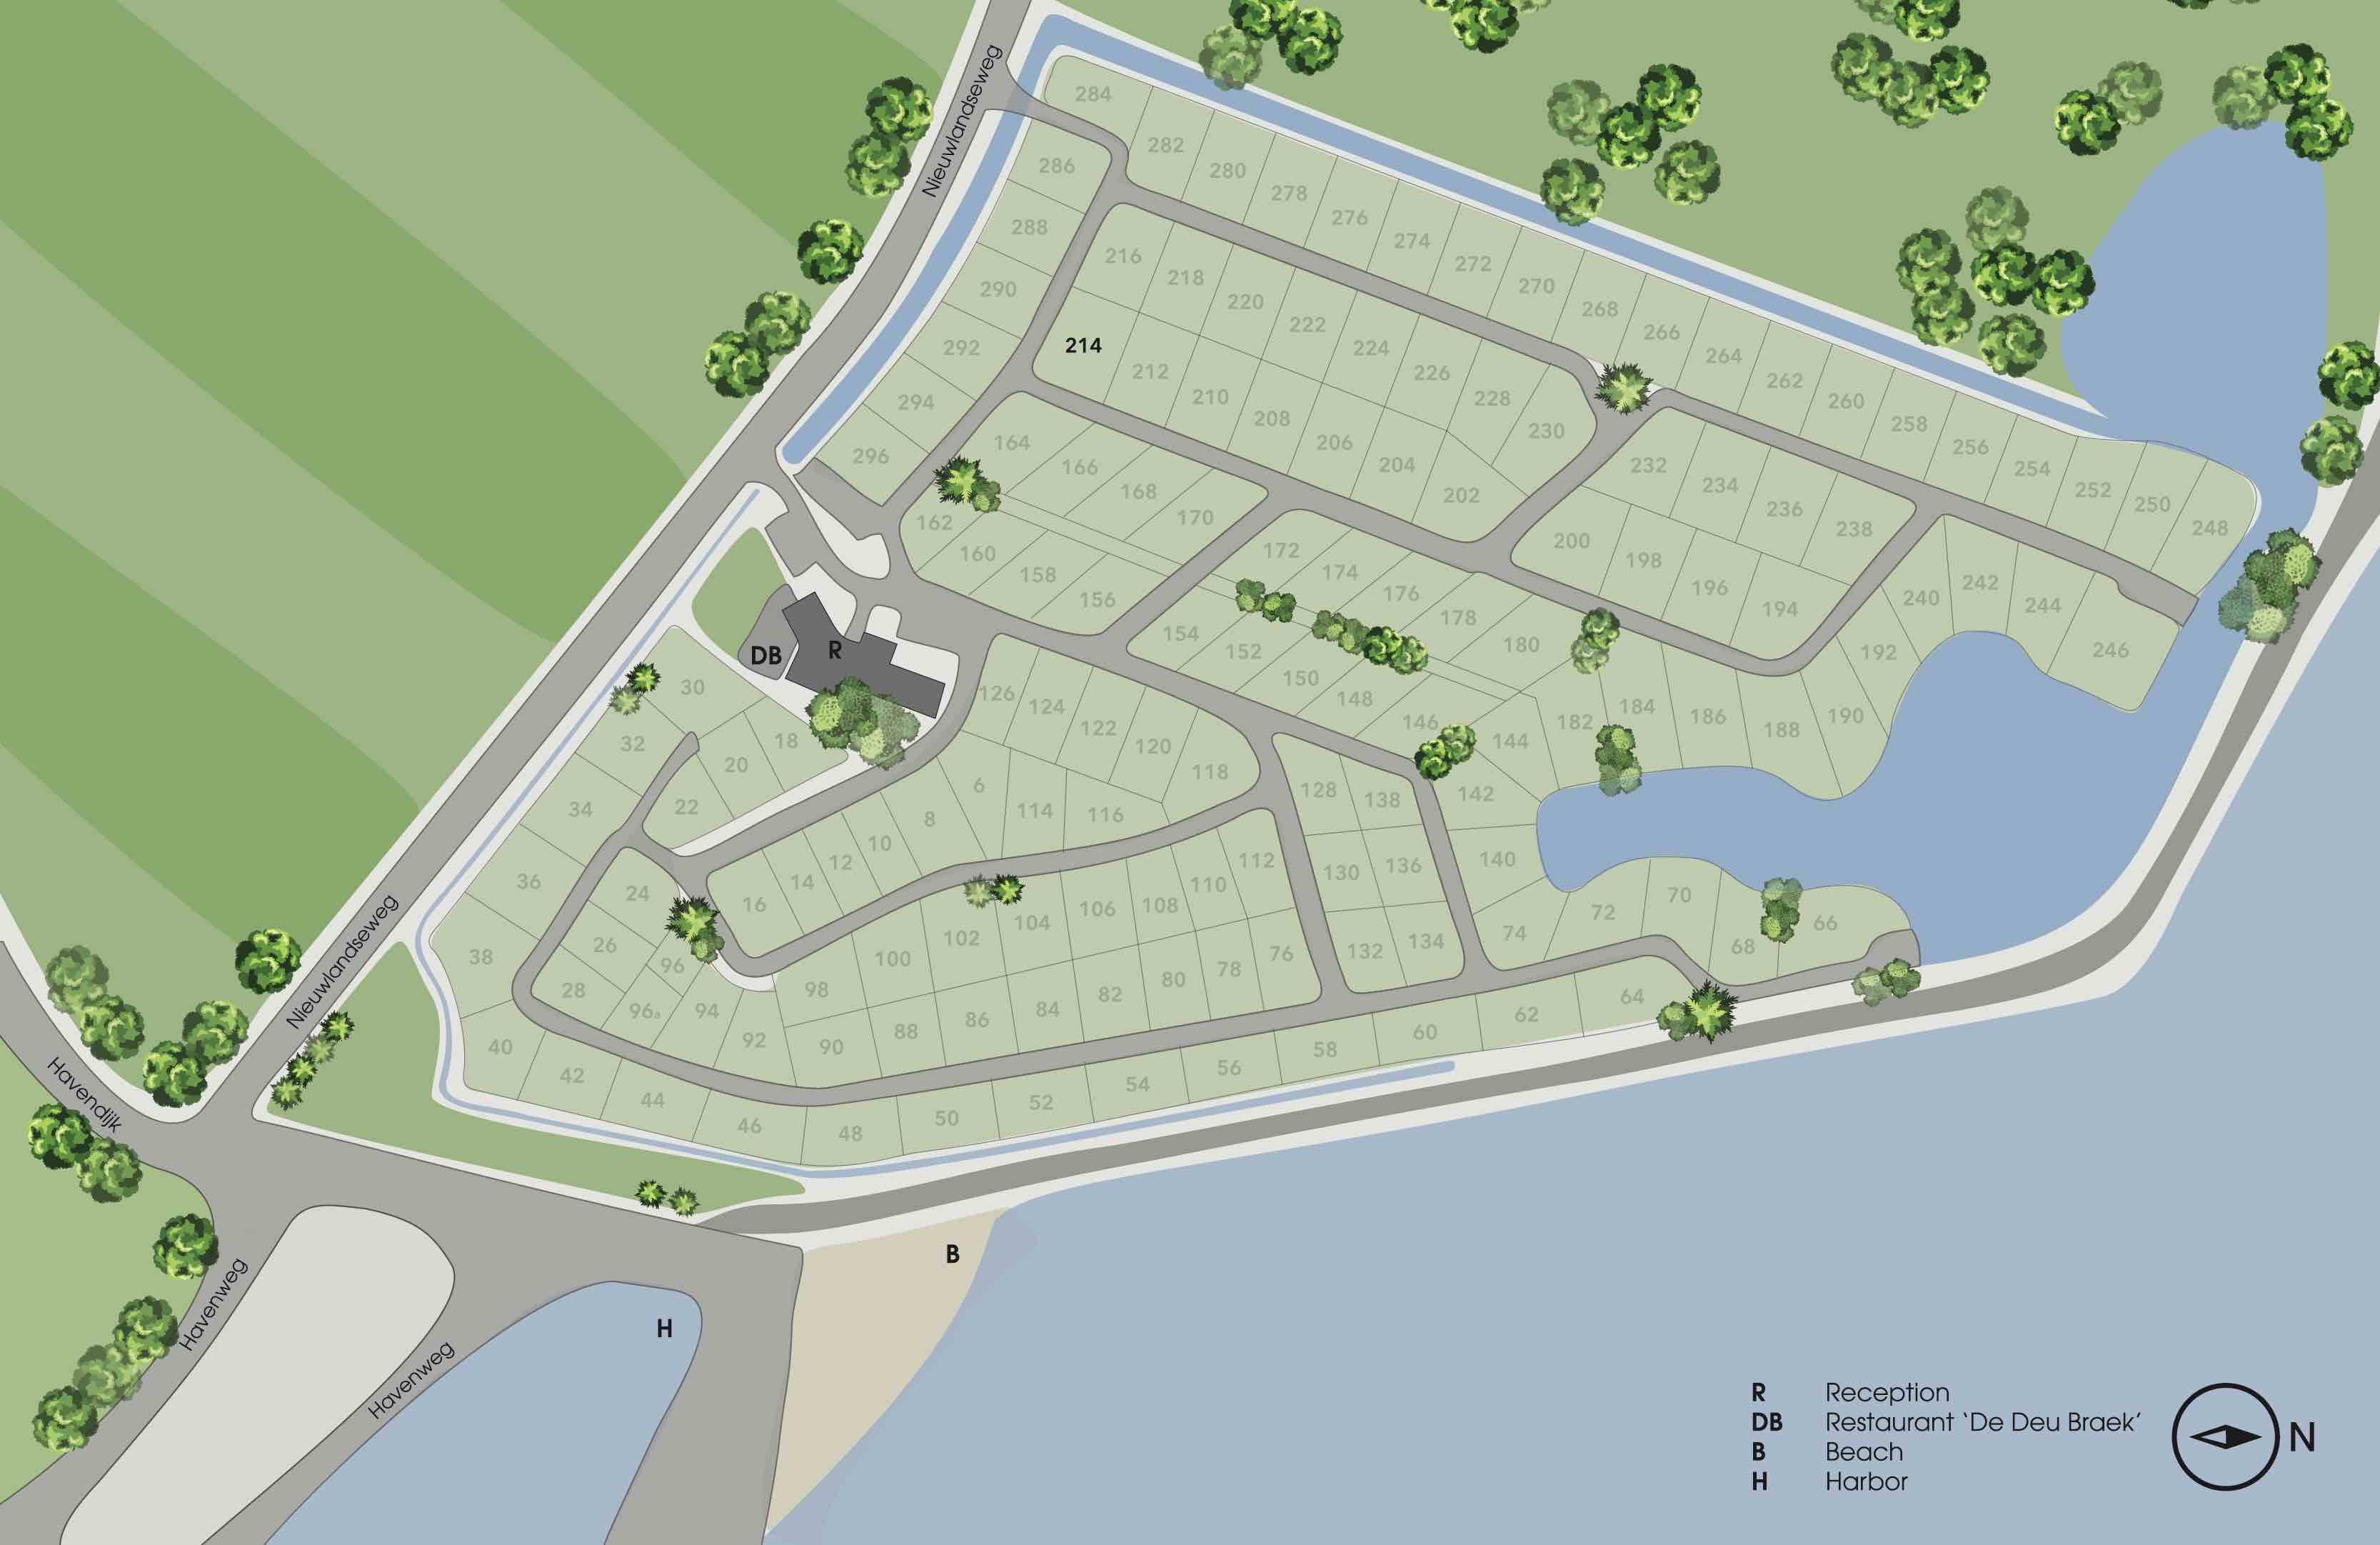 Zeeland Map - V2 - Huis 214